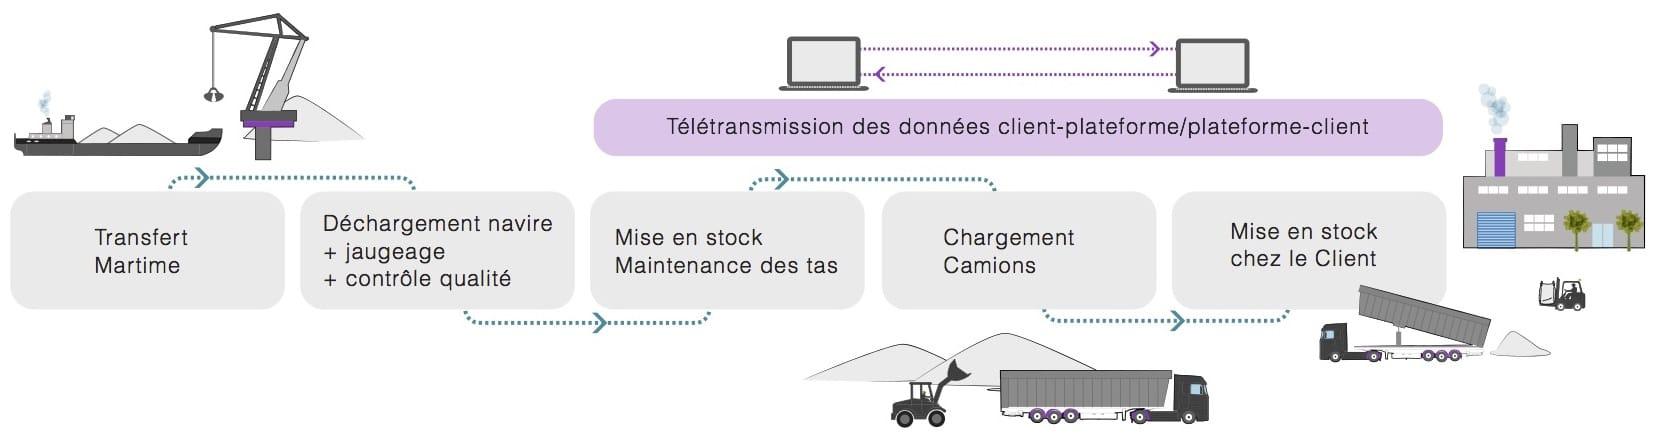 Gestion de Plateforme de Distribution - Réalisations - Logways